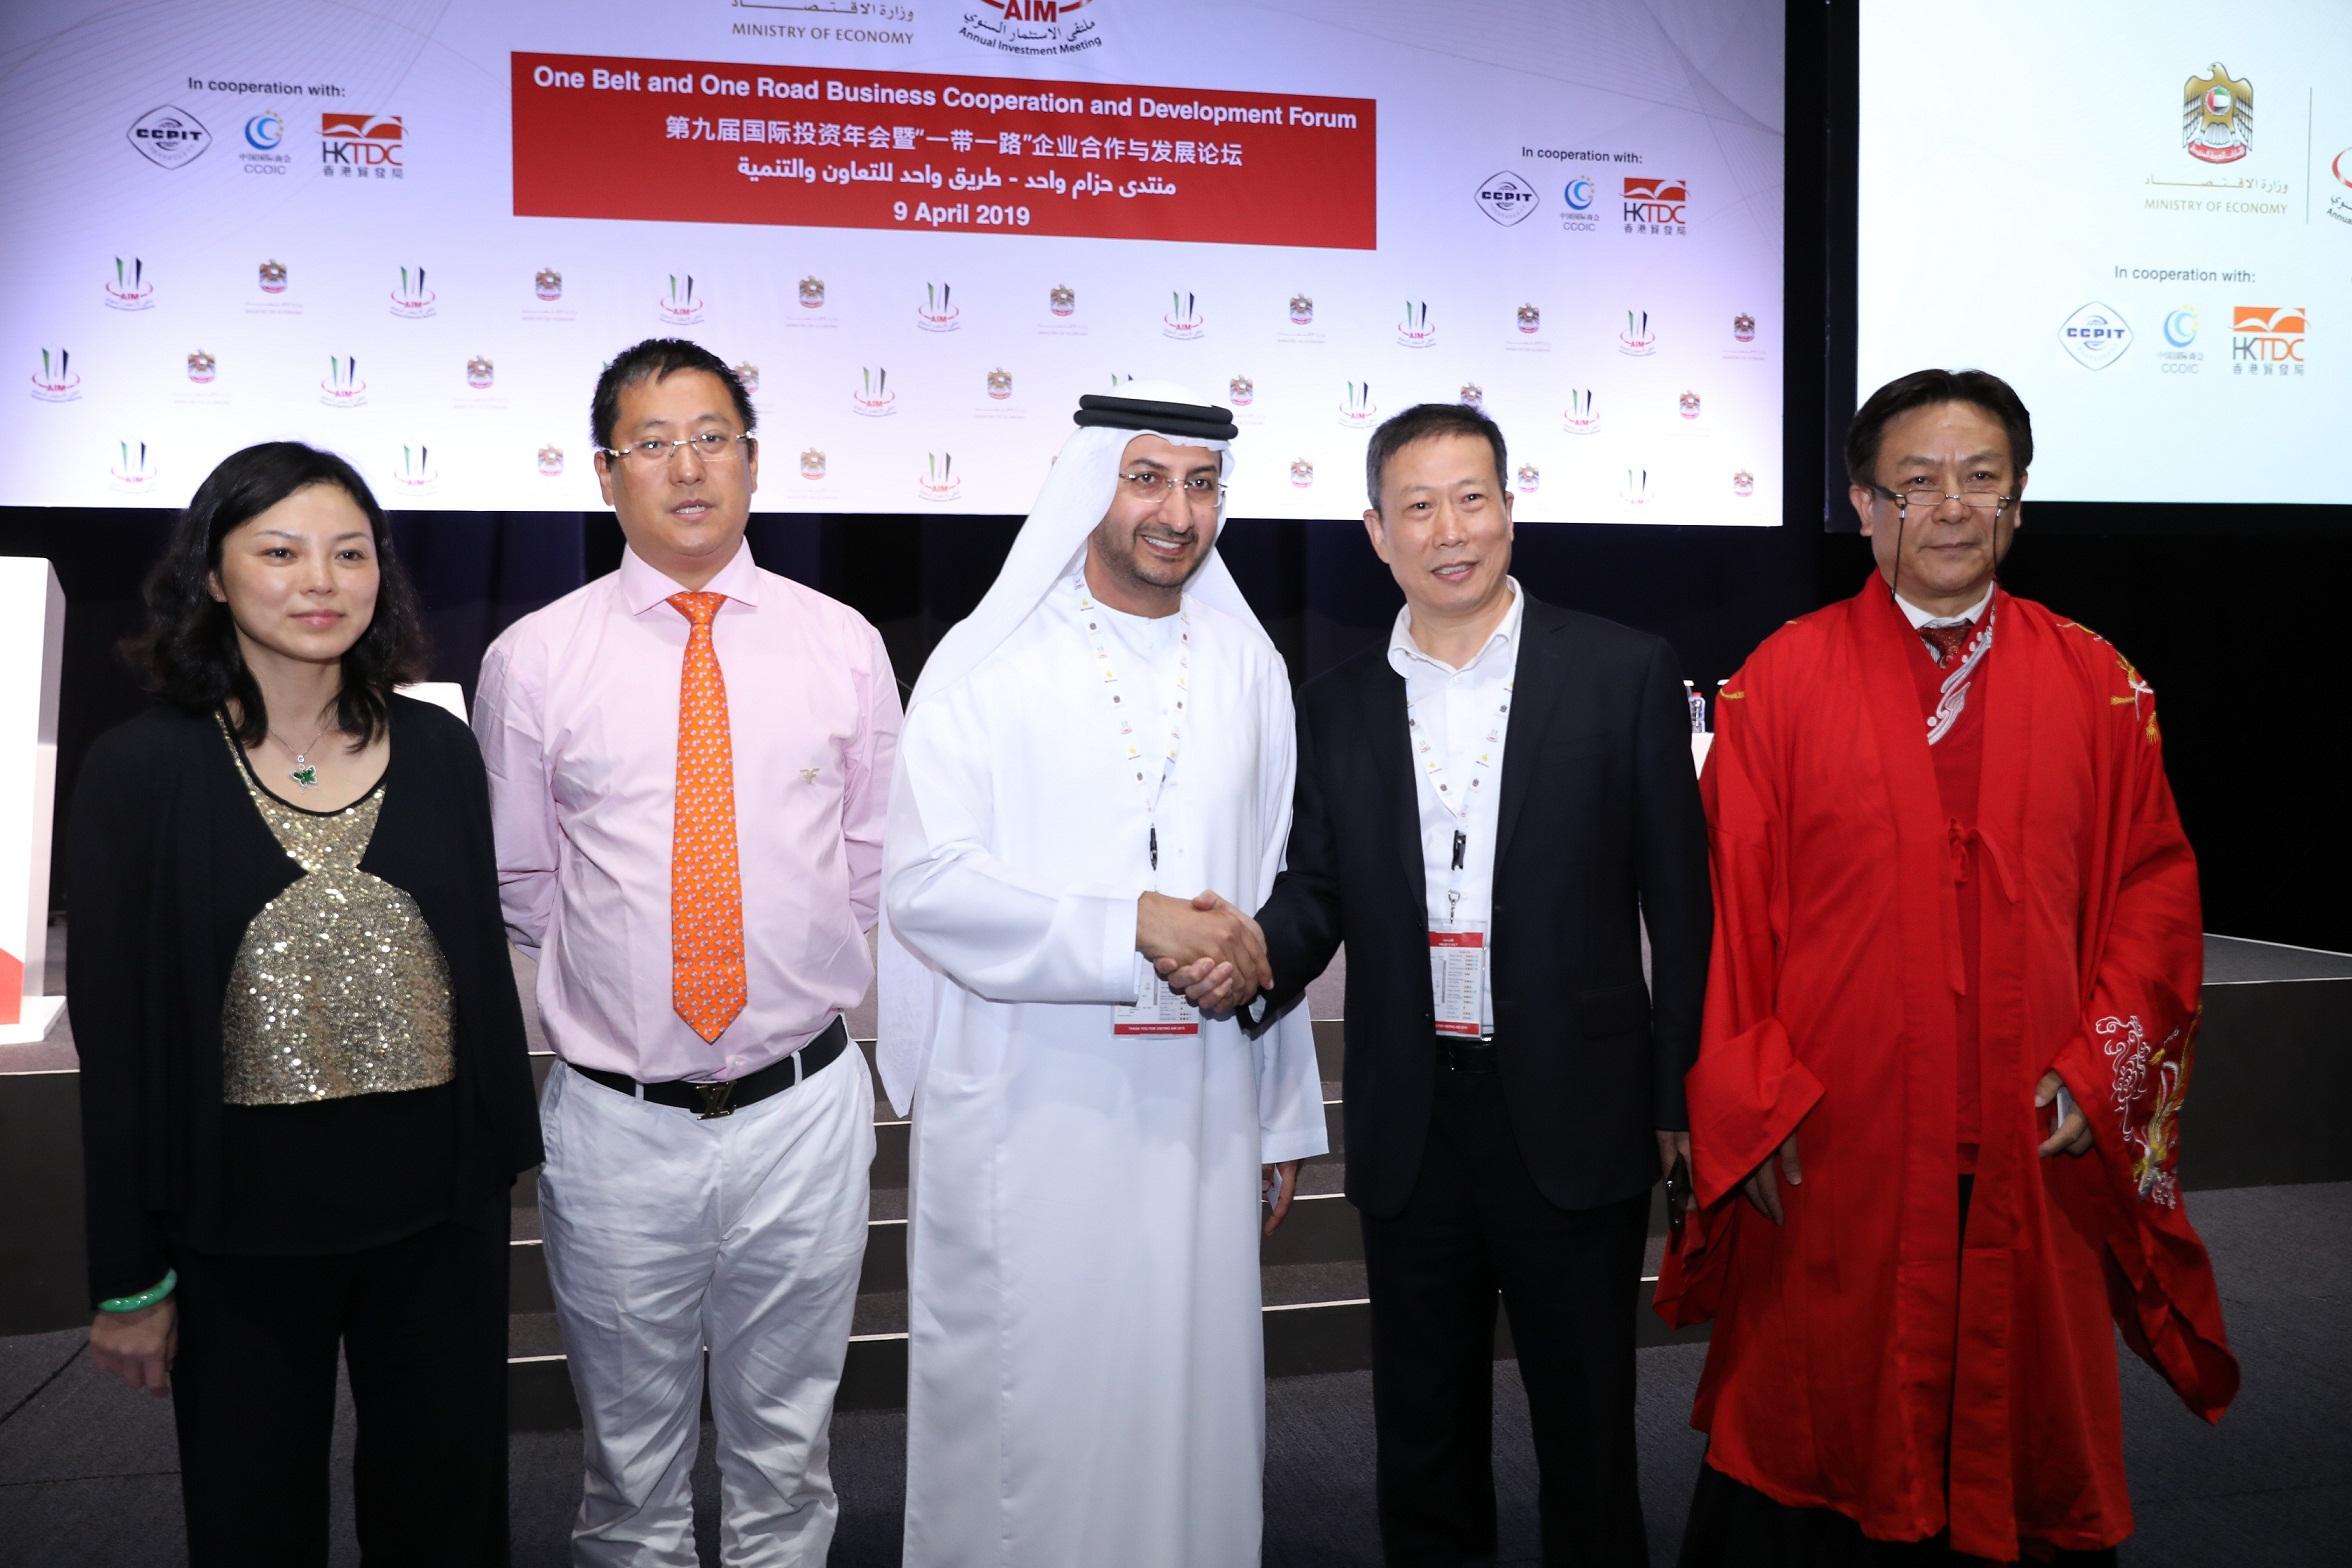 UAE Backs China's One Belt One Road Initiative at Annual